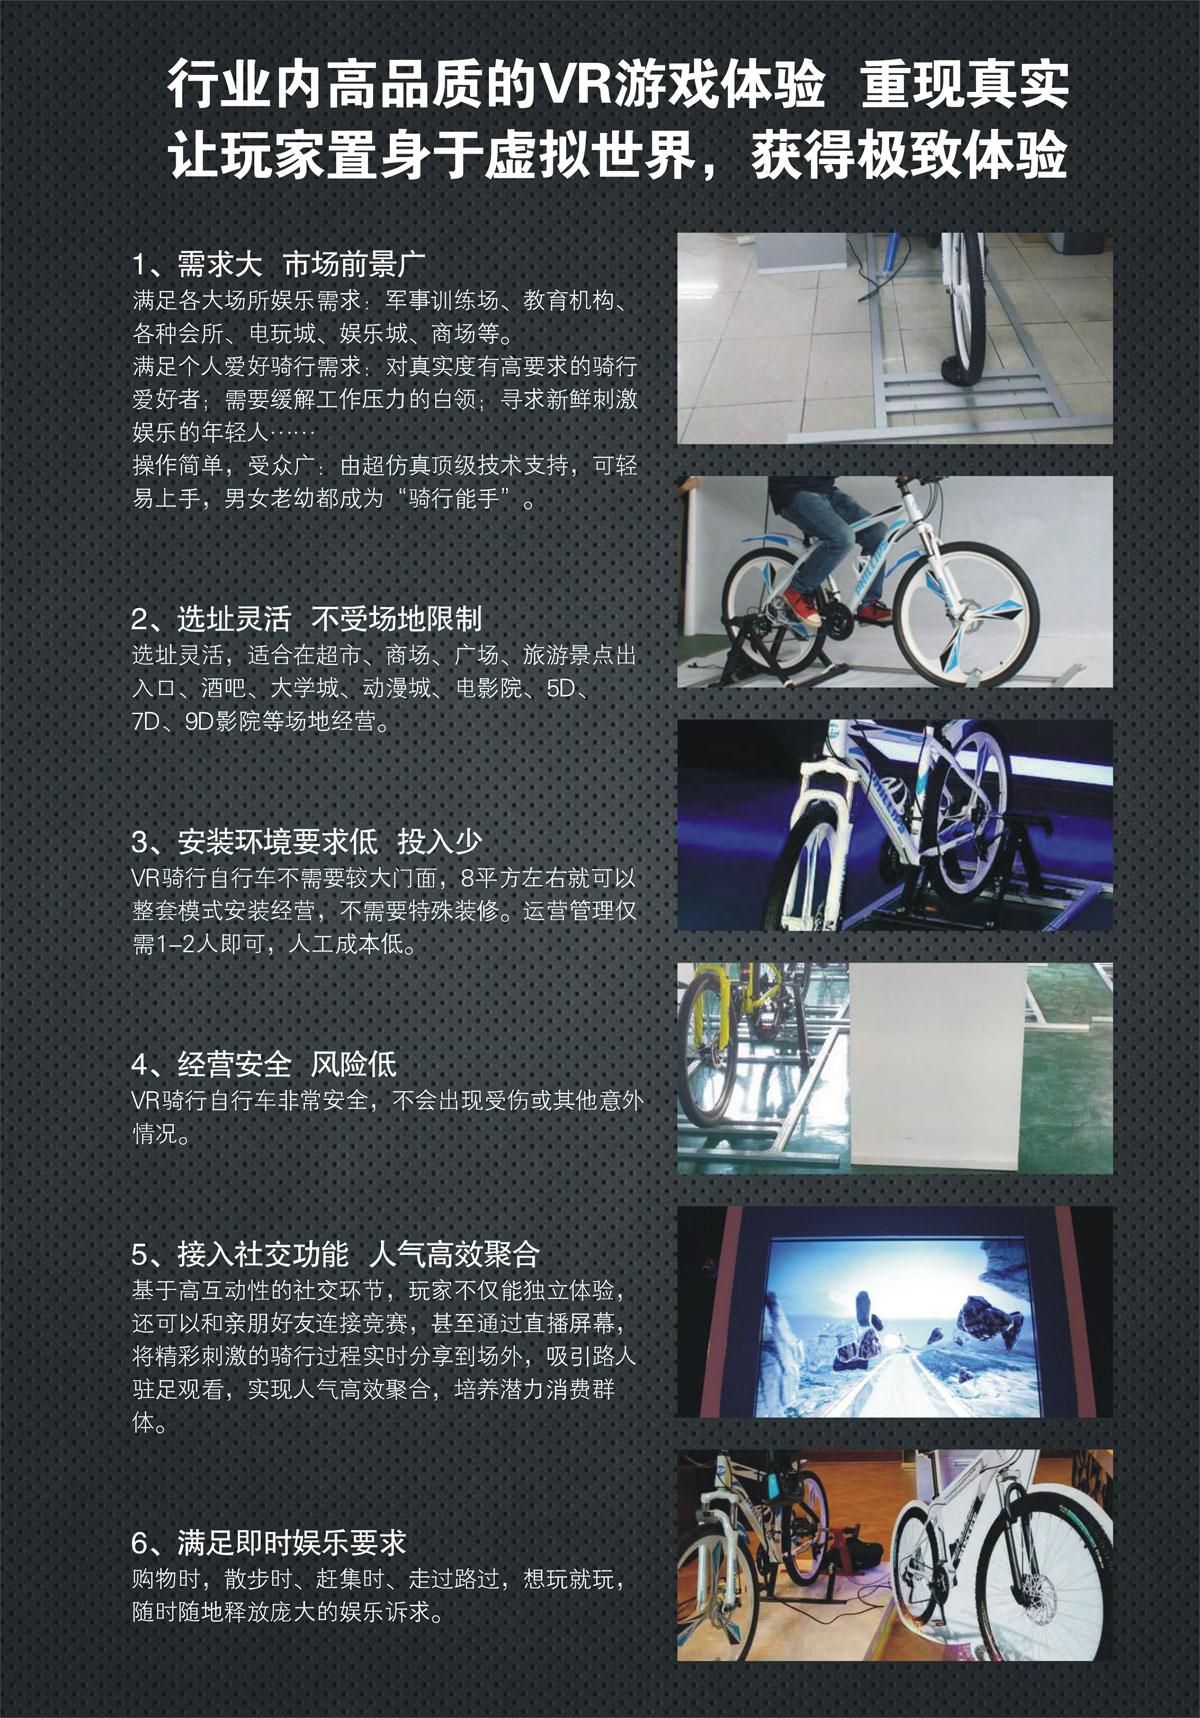 安全体验虚拟自行车游戏体验.jpg